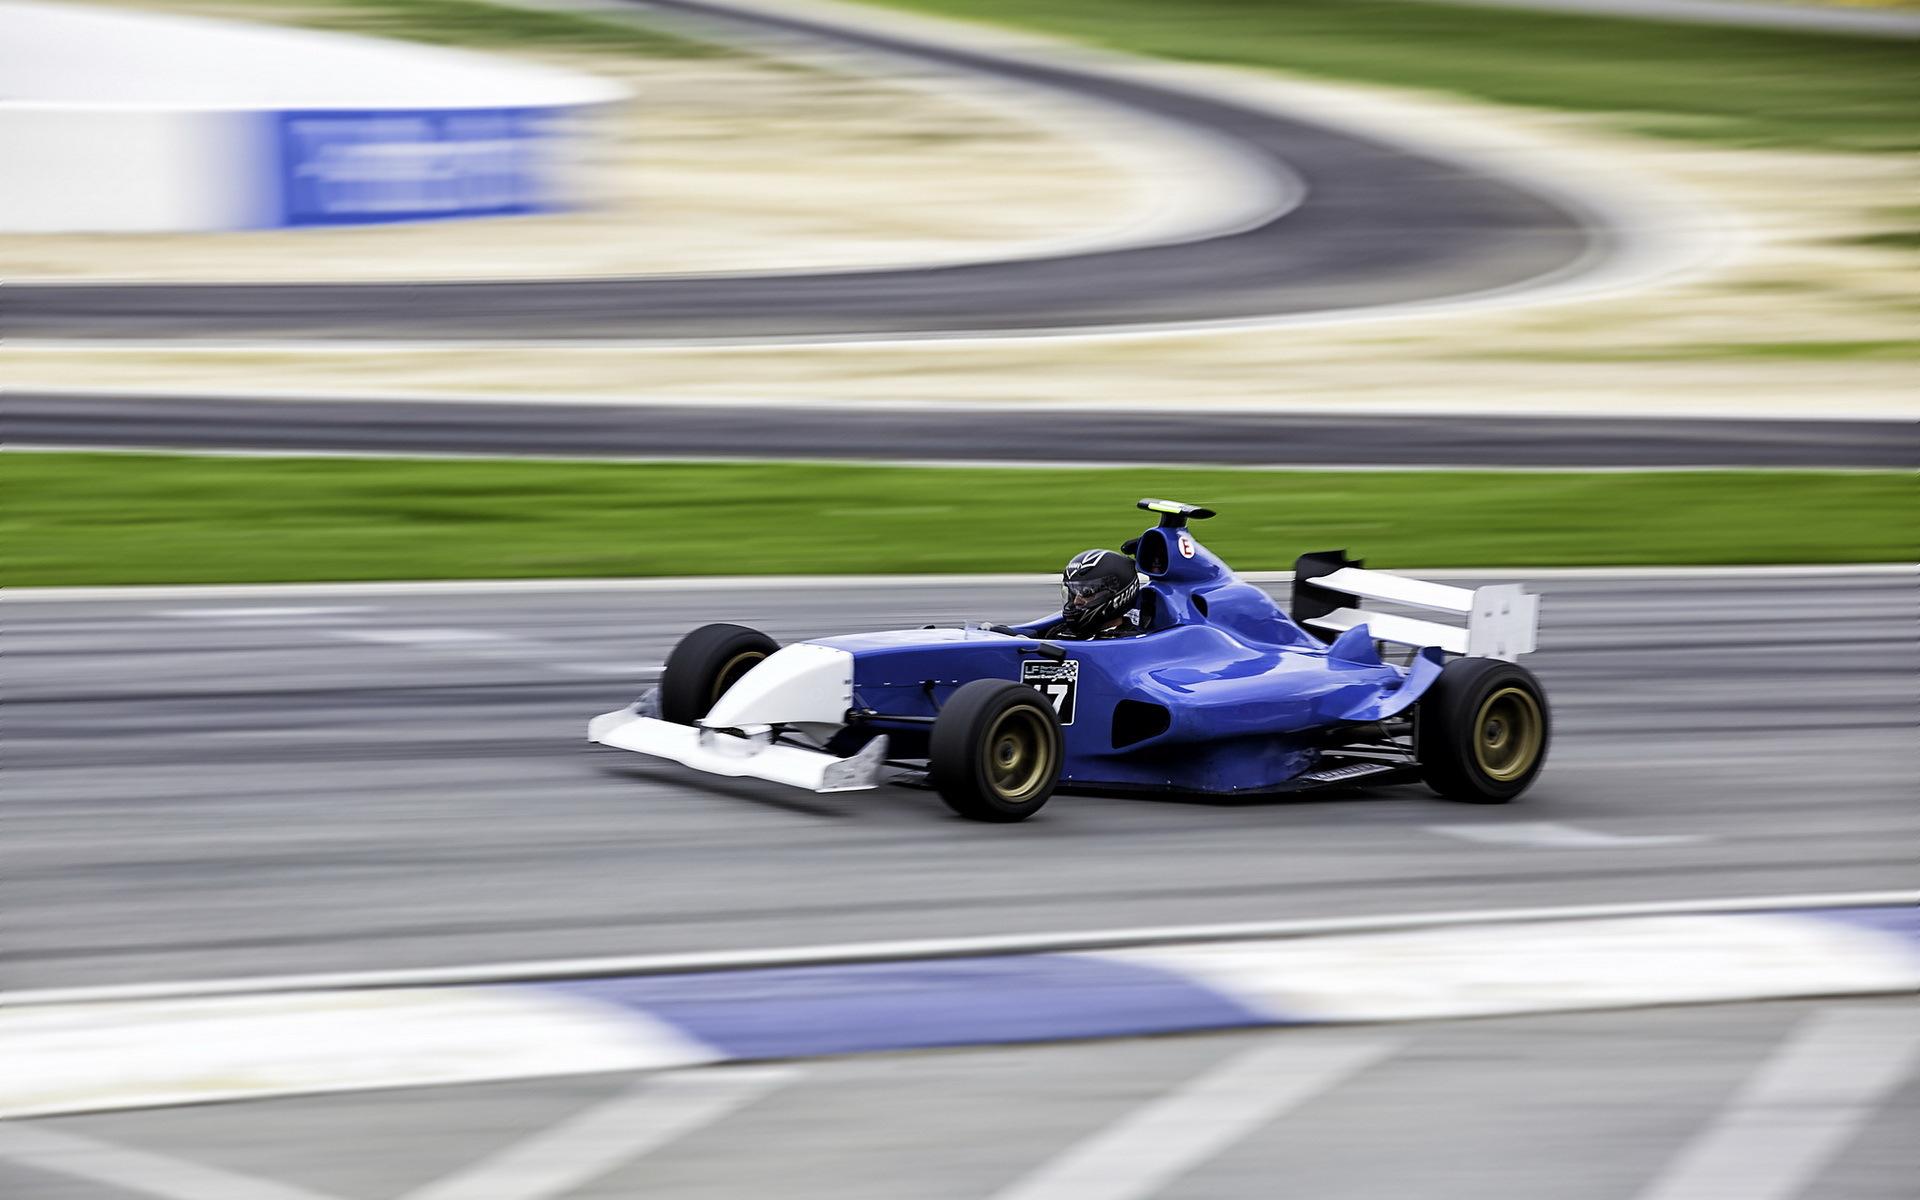 картинки машины на гонках выражение, что гимнастика